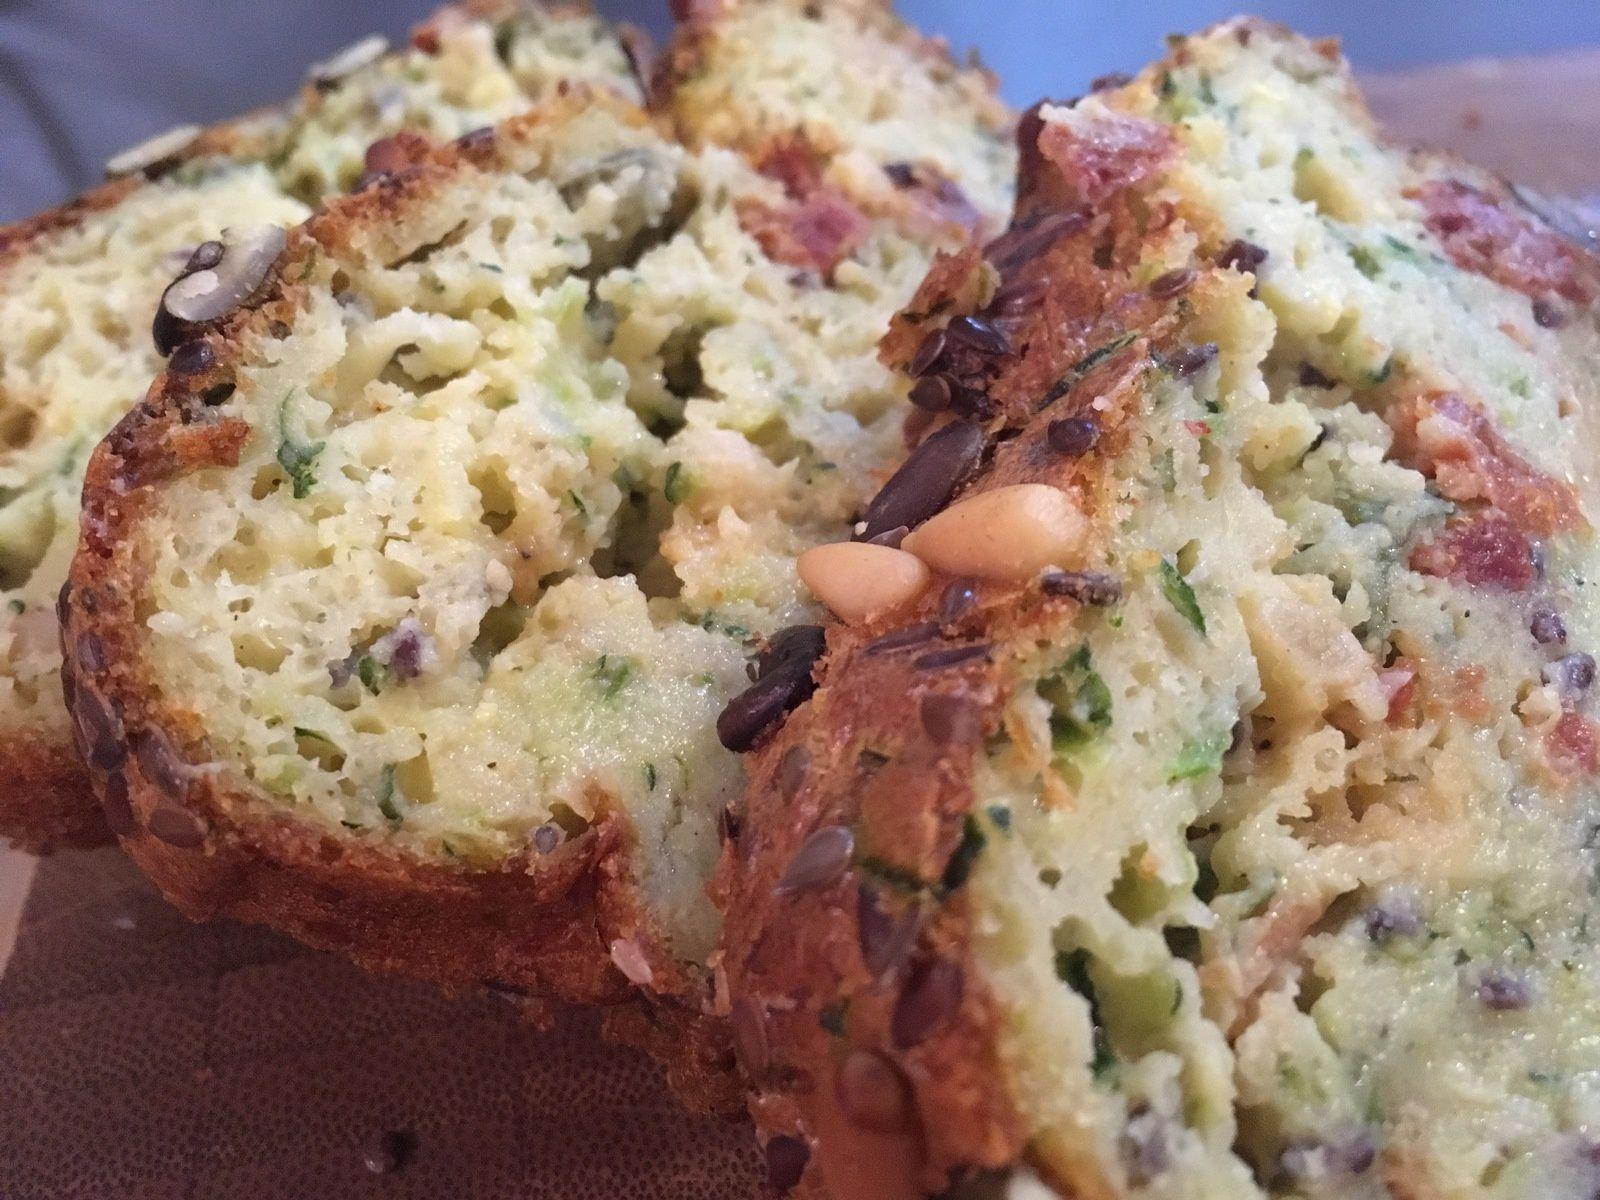 Le cake peut sembler un peu humide mais pas d'inquiétude, il est assez cuit et tout simplement délicieux !